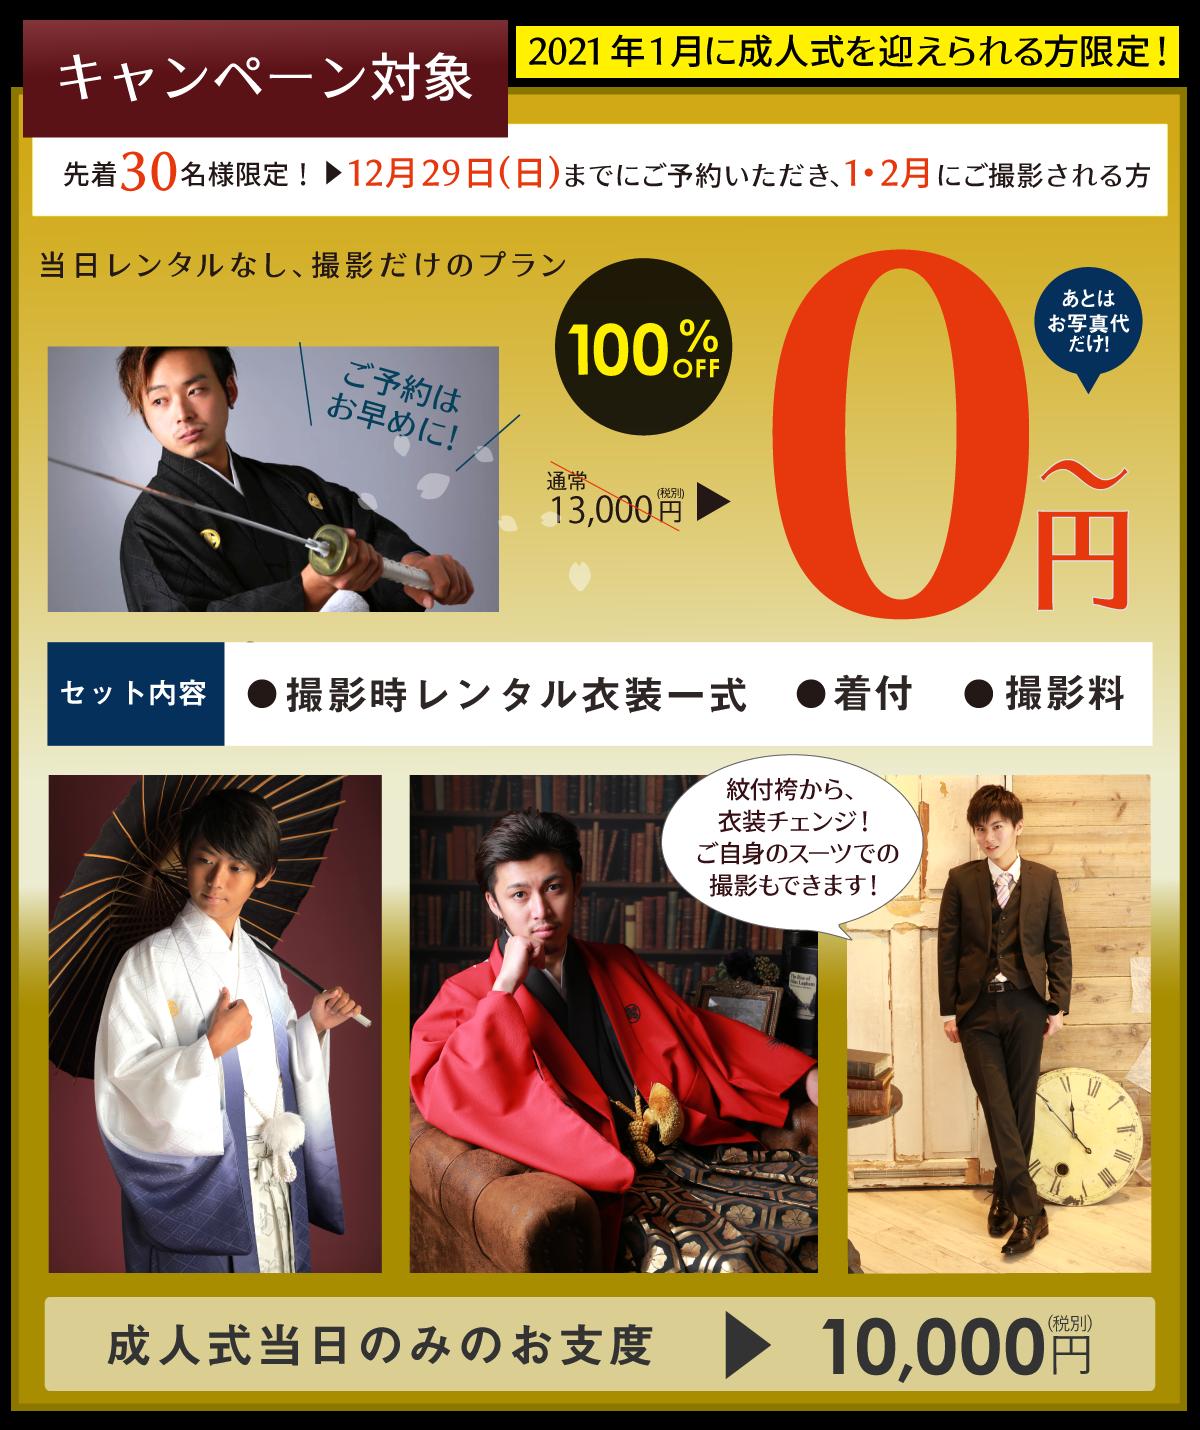 男性袴キャンペーン情報12月末まで_スタジオ撮影プラン